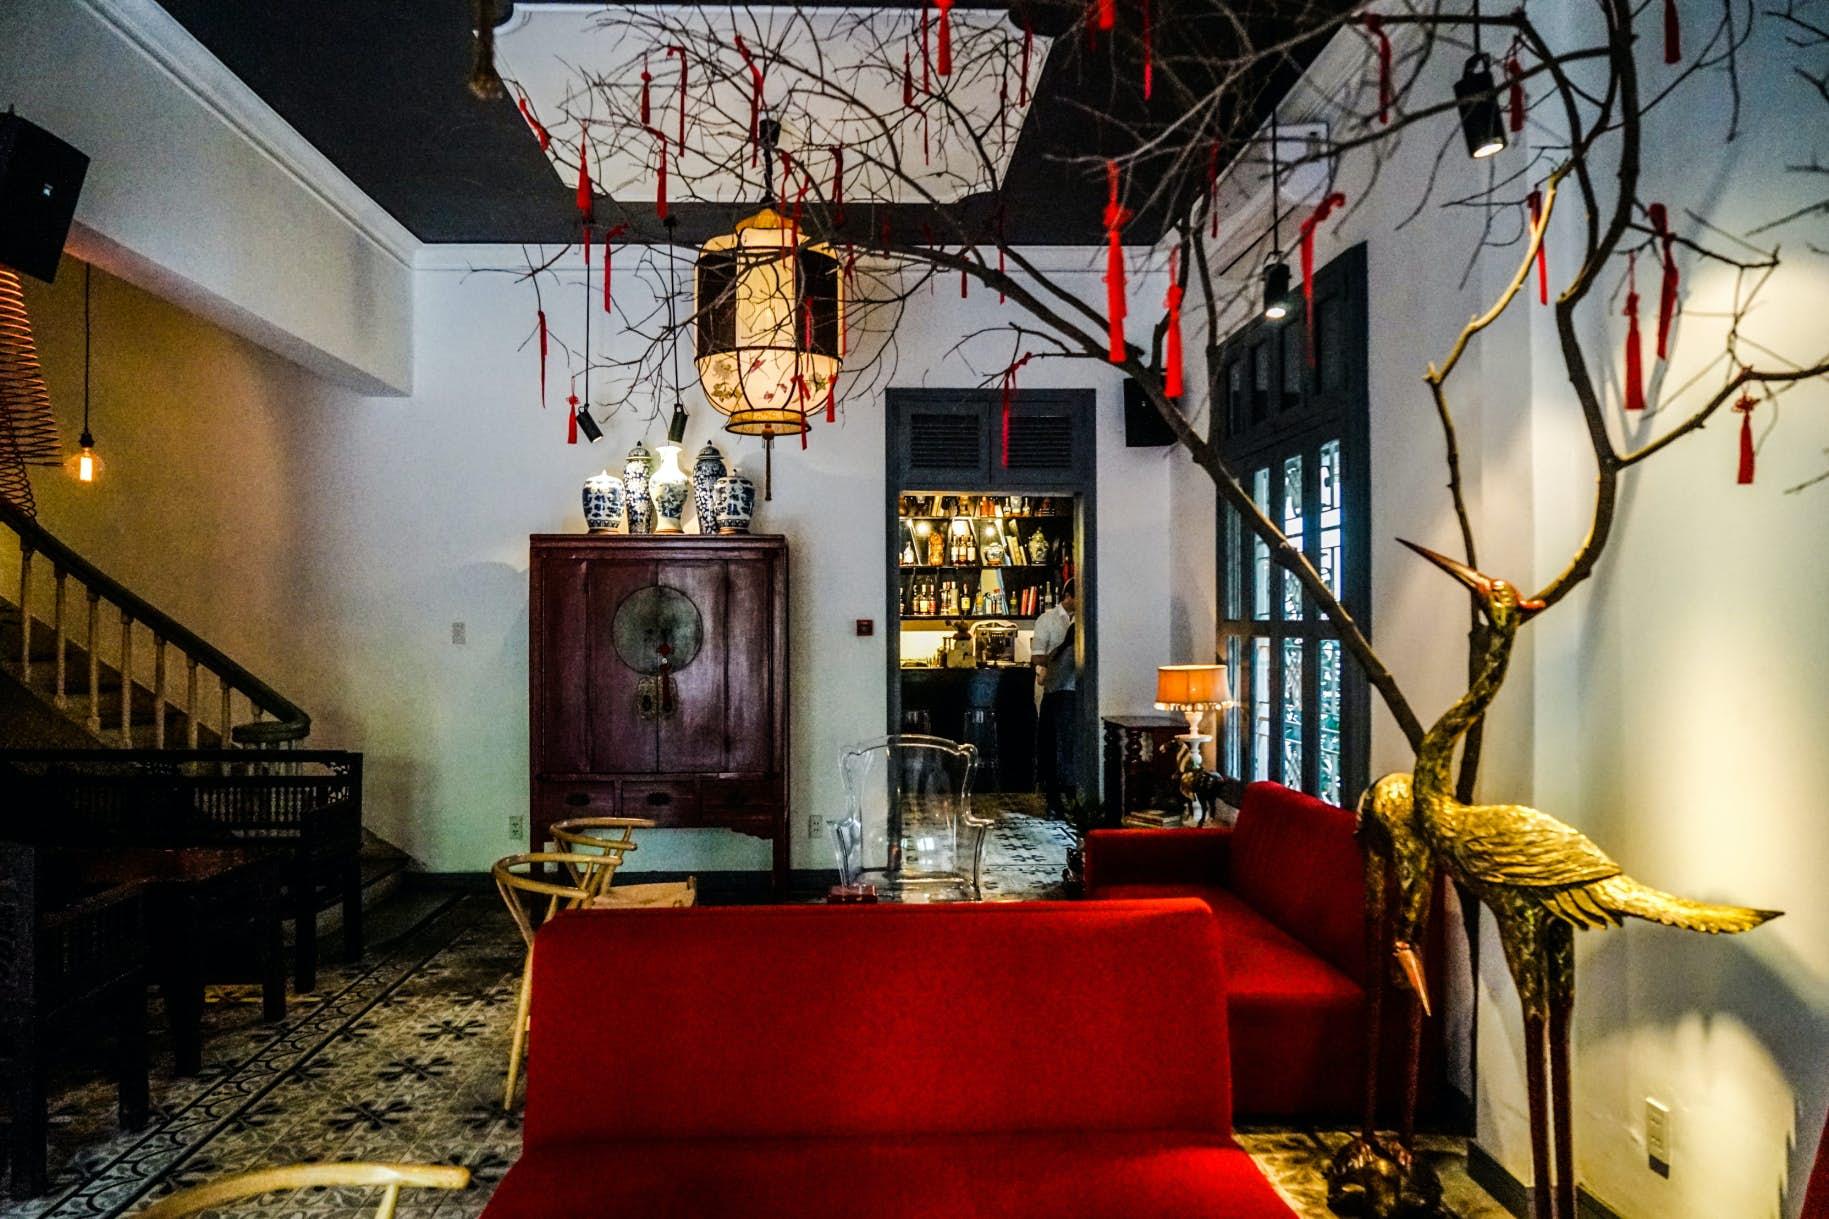 VIETNAM - Ho Chi Minh - Noir Dining in the dark